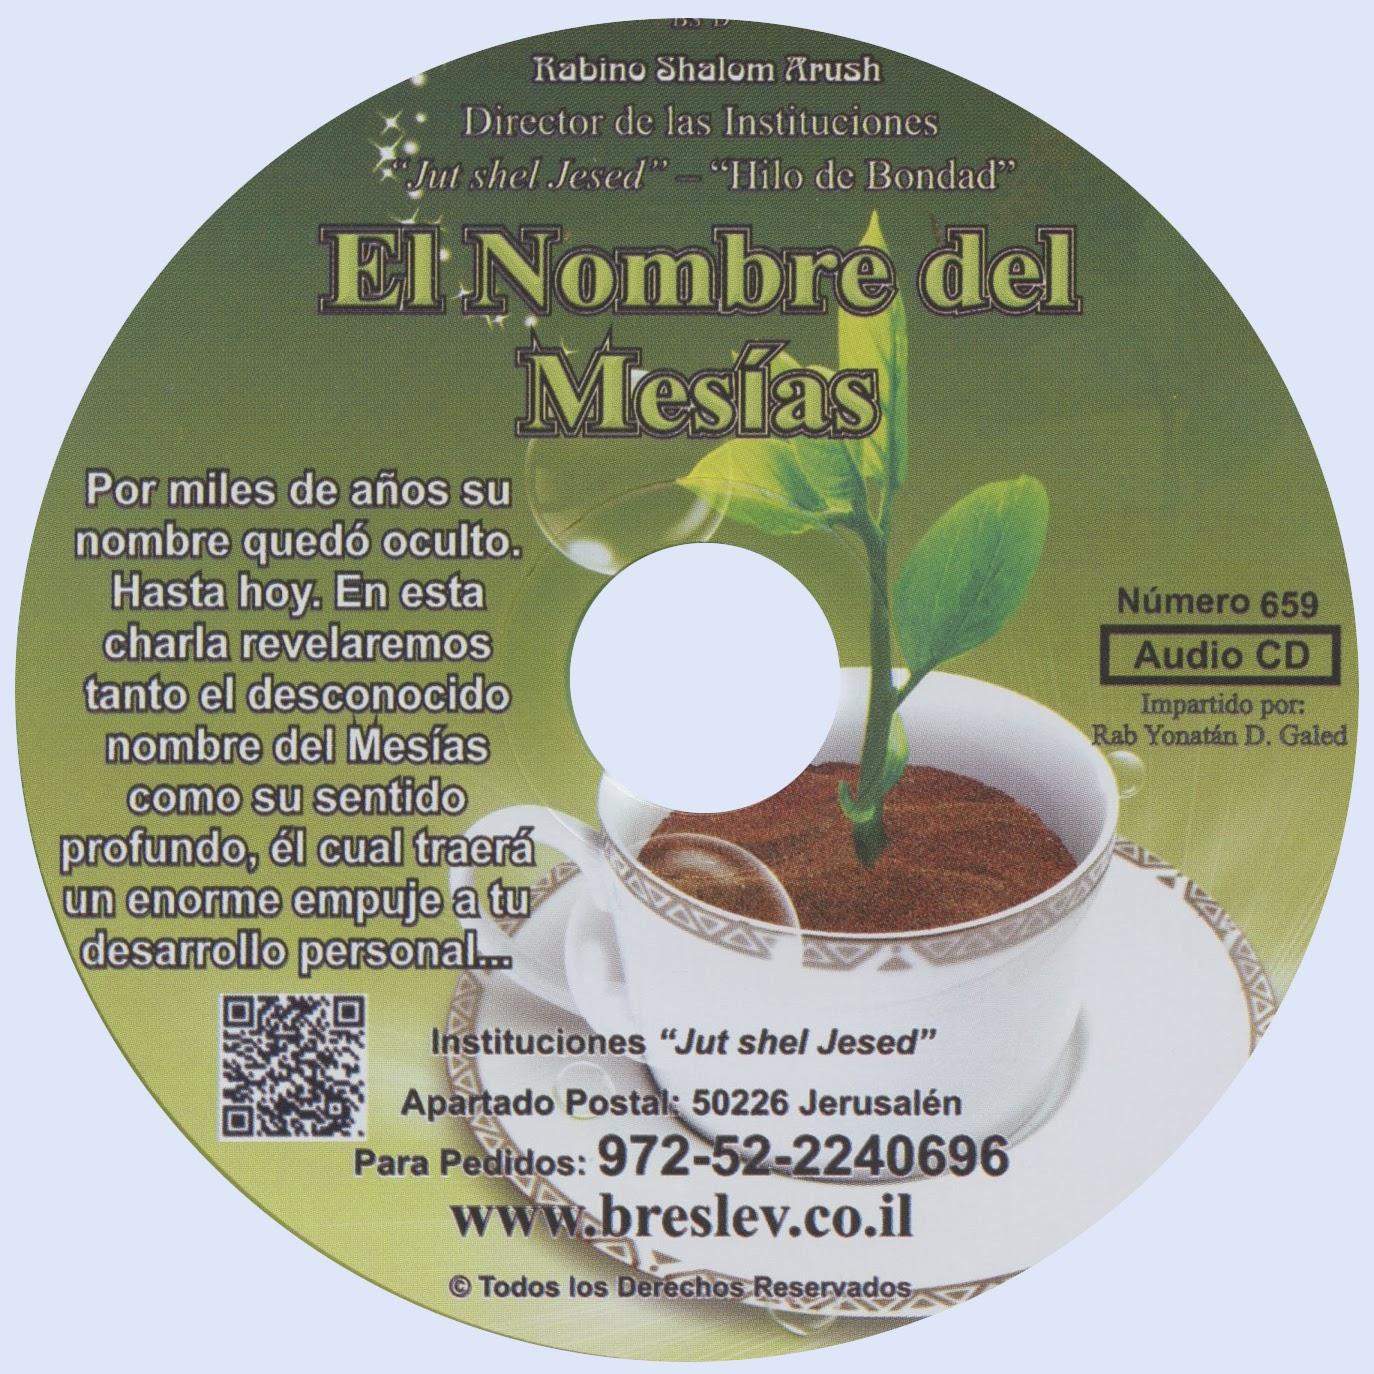 http://comunidad-noajida-breslev.blogspot.mx/p/el-nombre-del-mesias.html